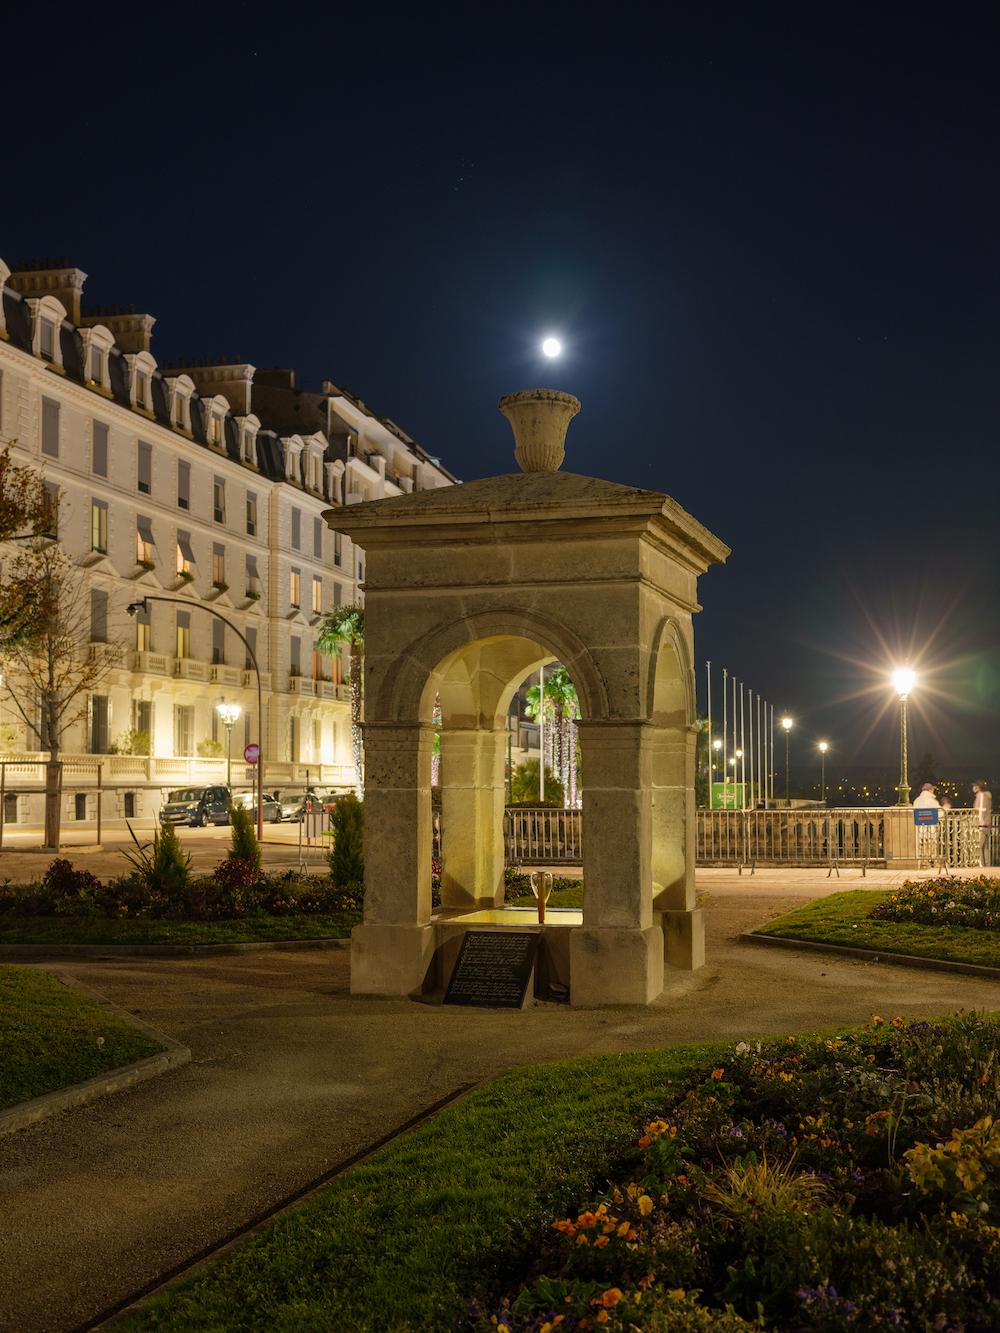 Photo  de la Fontaine de Vigny et du Boulevard des Pyrénées avec la lune dans l'axe de la fontaine